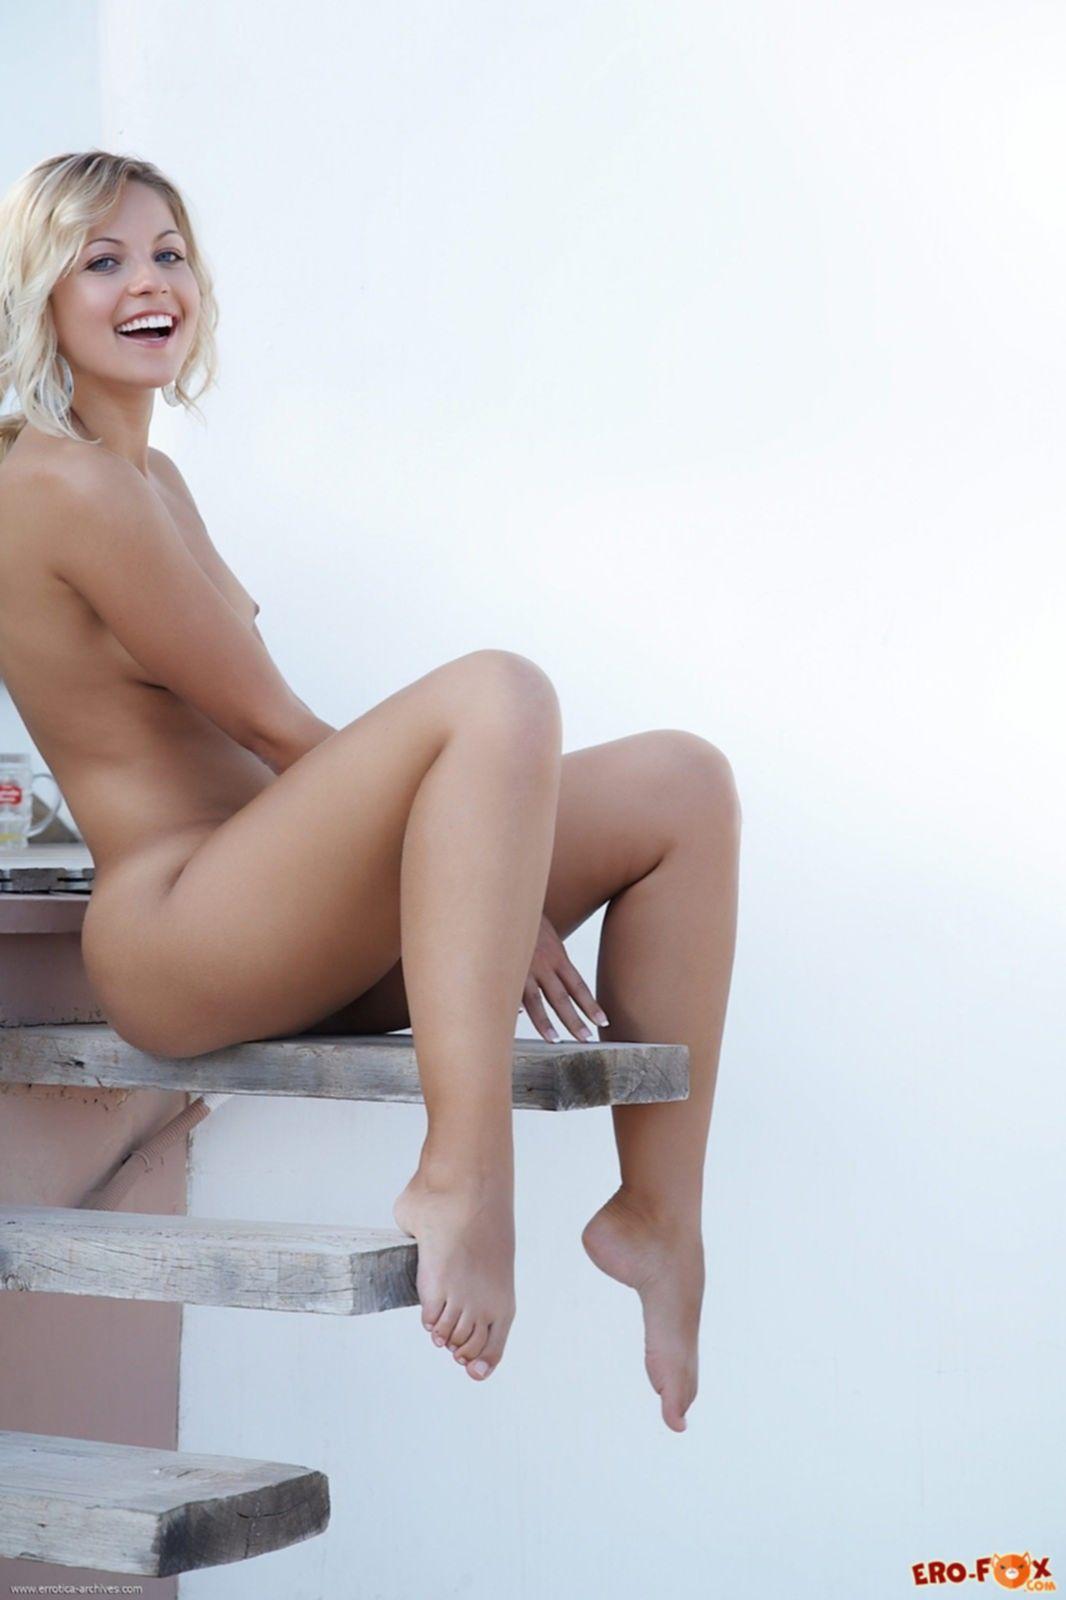 Раздетая девица с гладкой кожей и светлыми волосами - фото